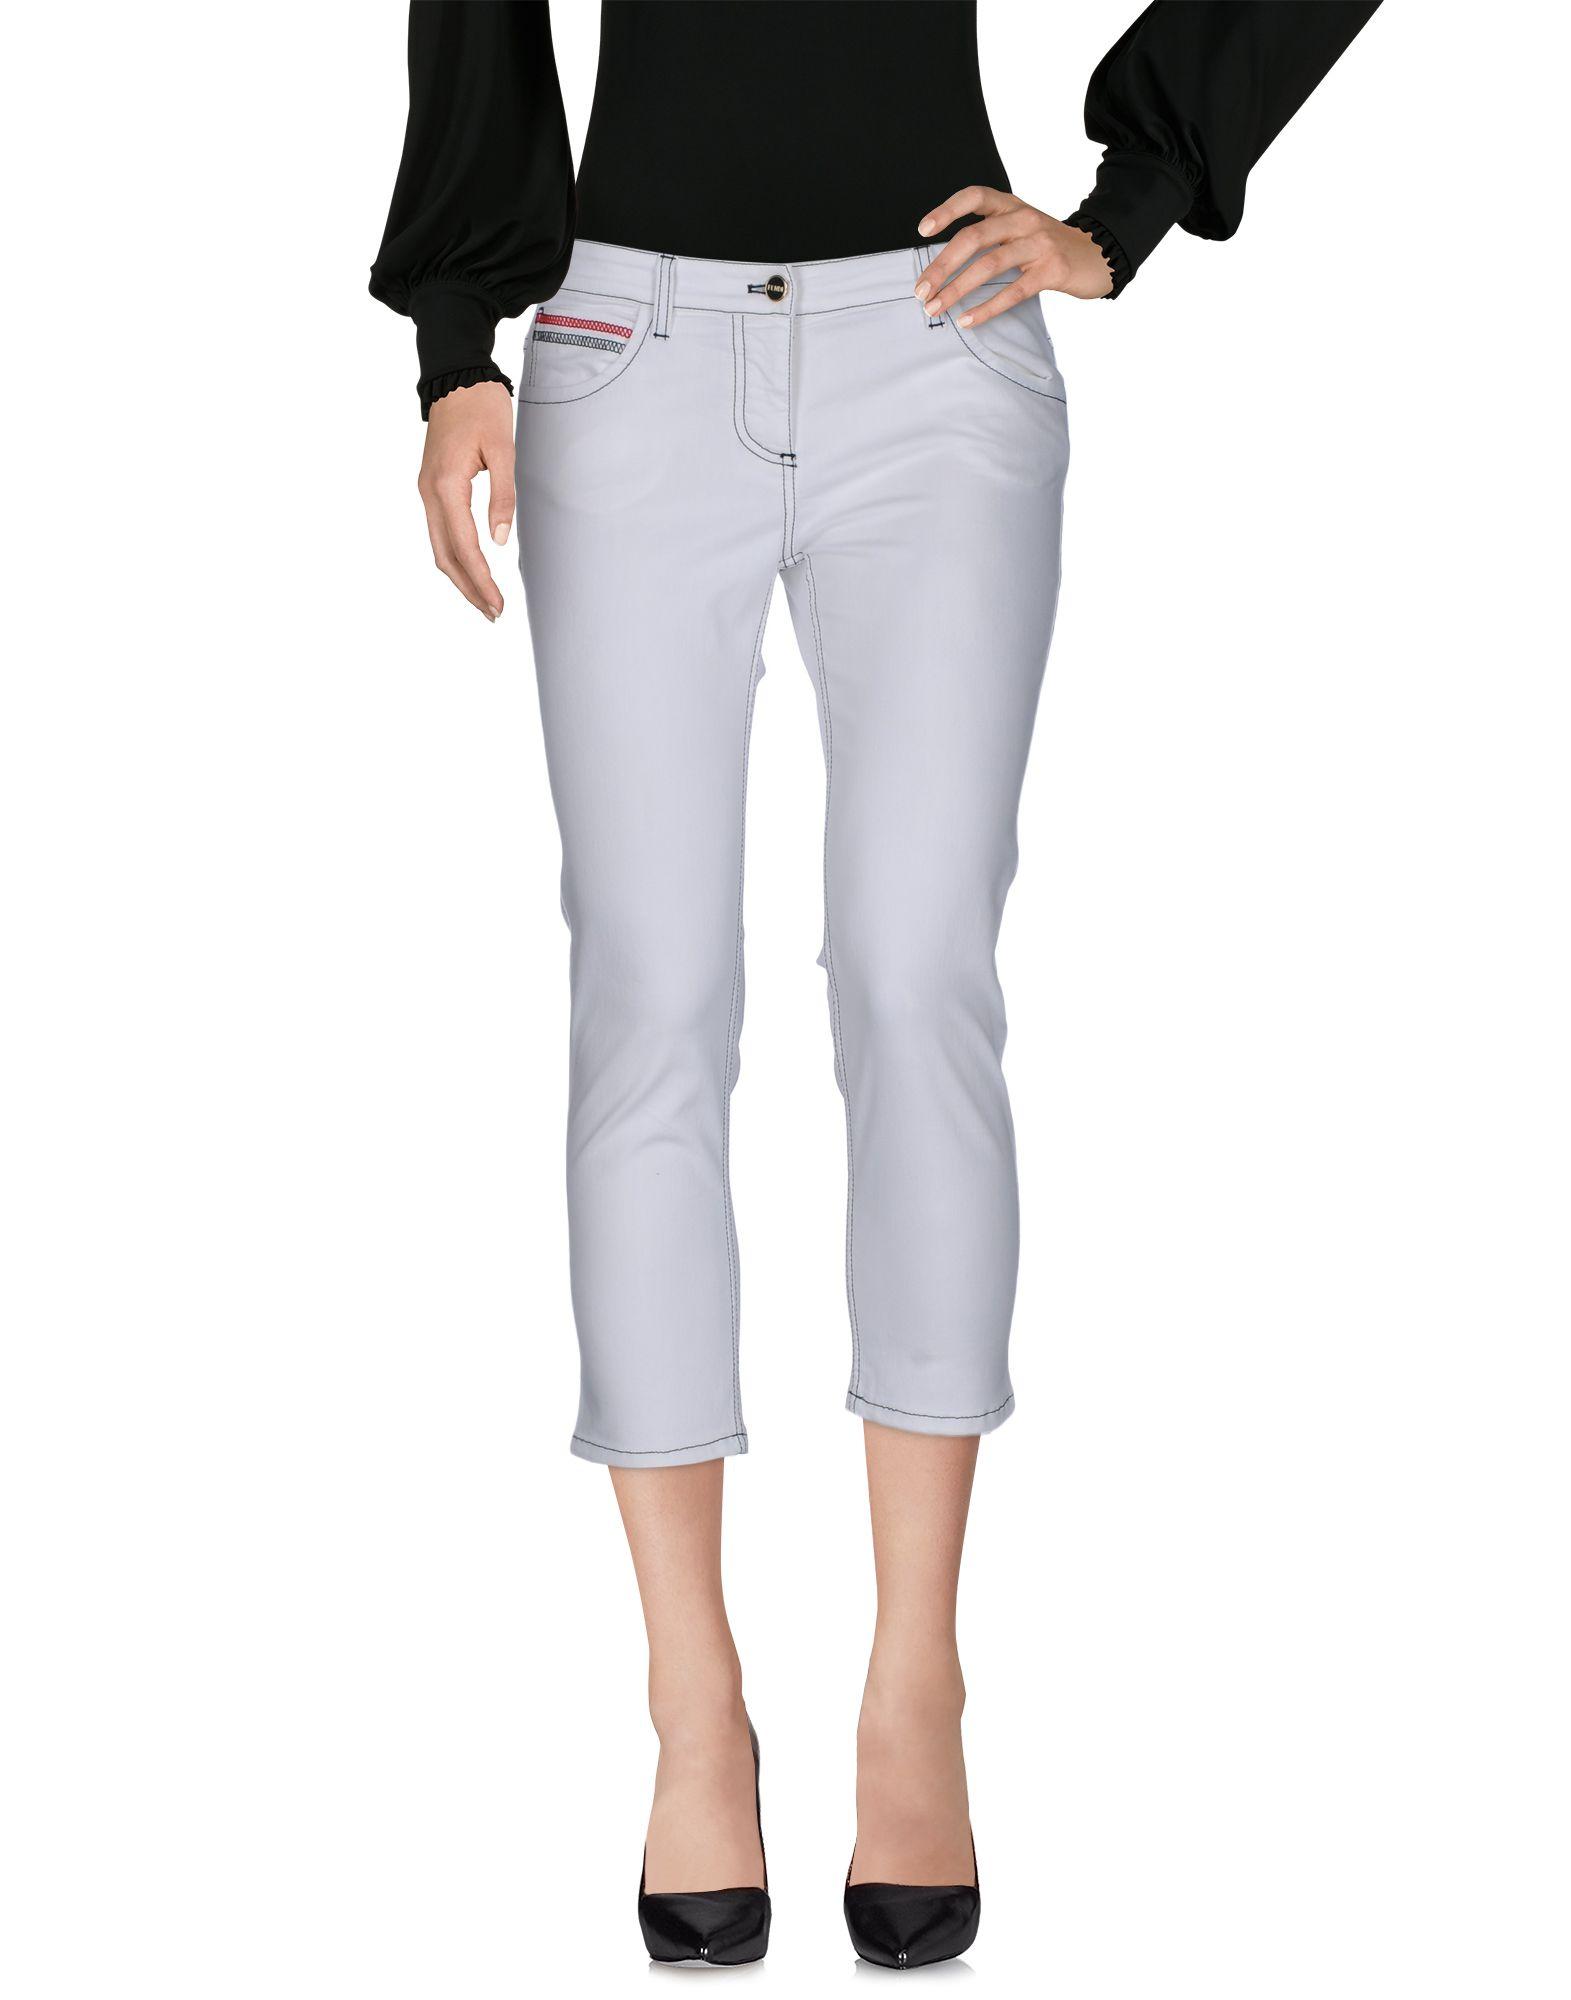 Pantalone Pantalone Pantalone Dritto Fendi donna - 13078237PH 6f7